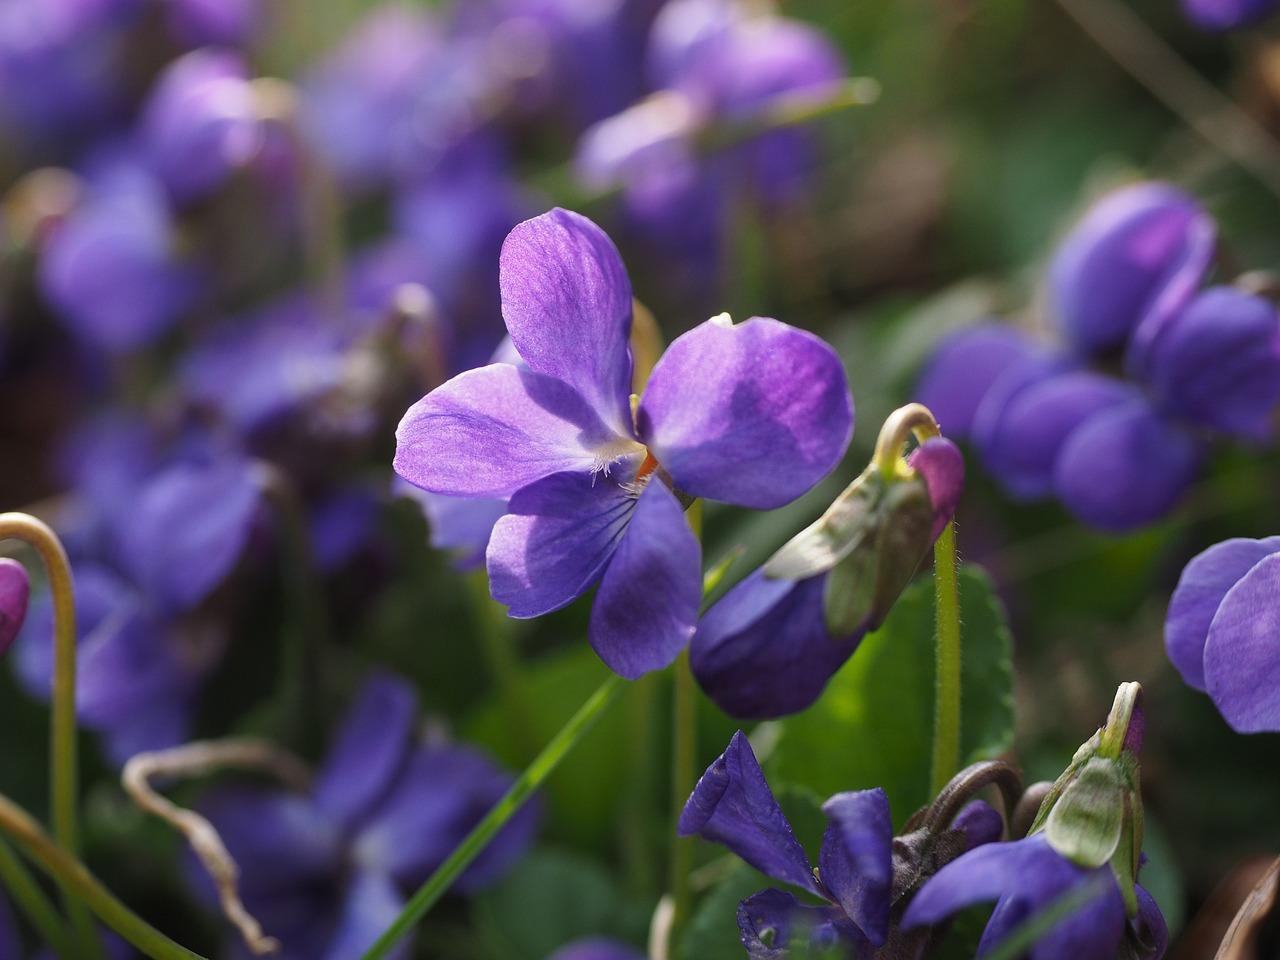 scented-violets-1077159_1280